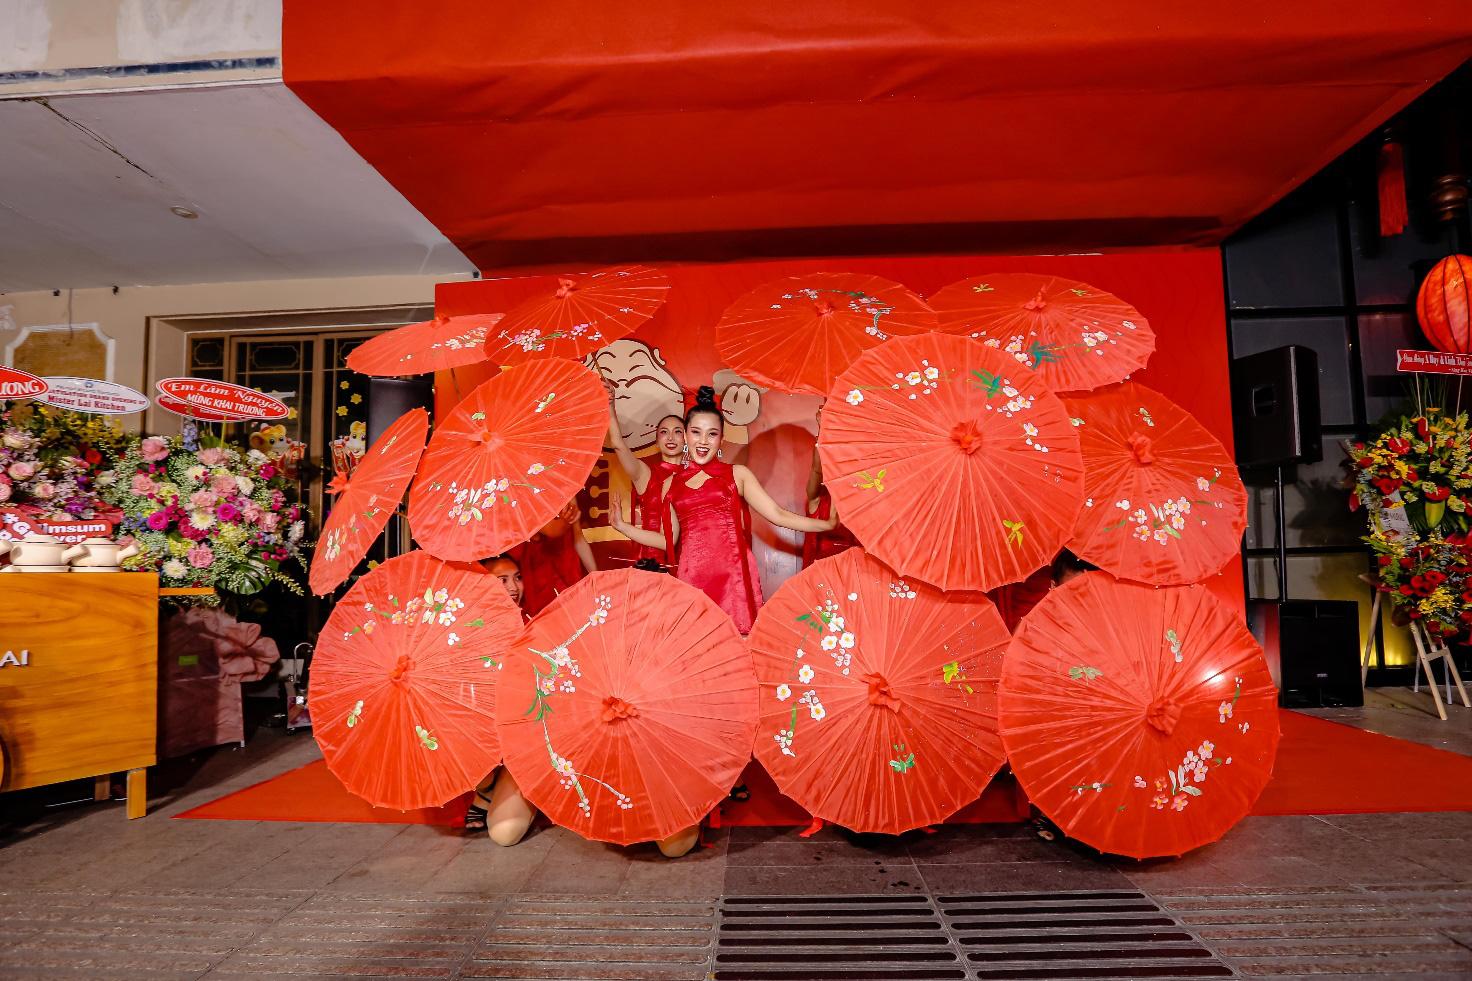 Khám phá tinh tế ẩm thực Trung Hoa giữa phố đi bộ Nguyễn Huệ tại MISTER LAI KITCHEN - Ảnh 8.